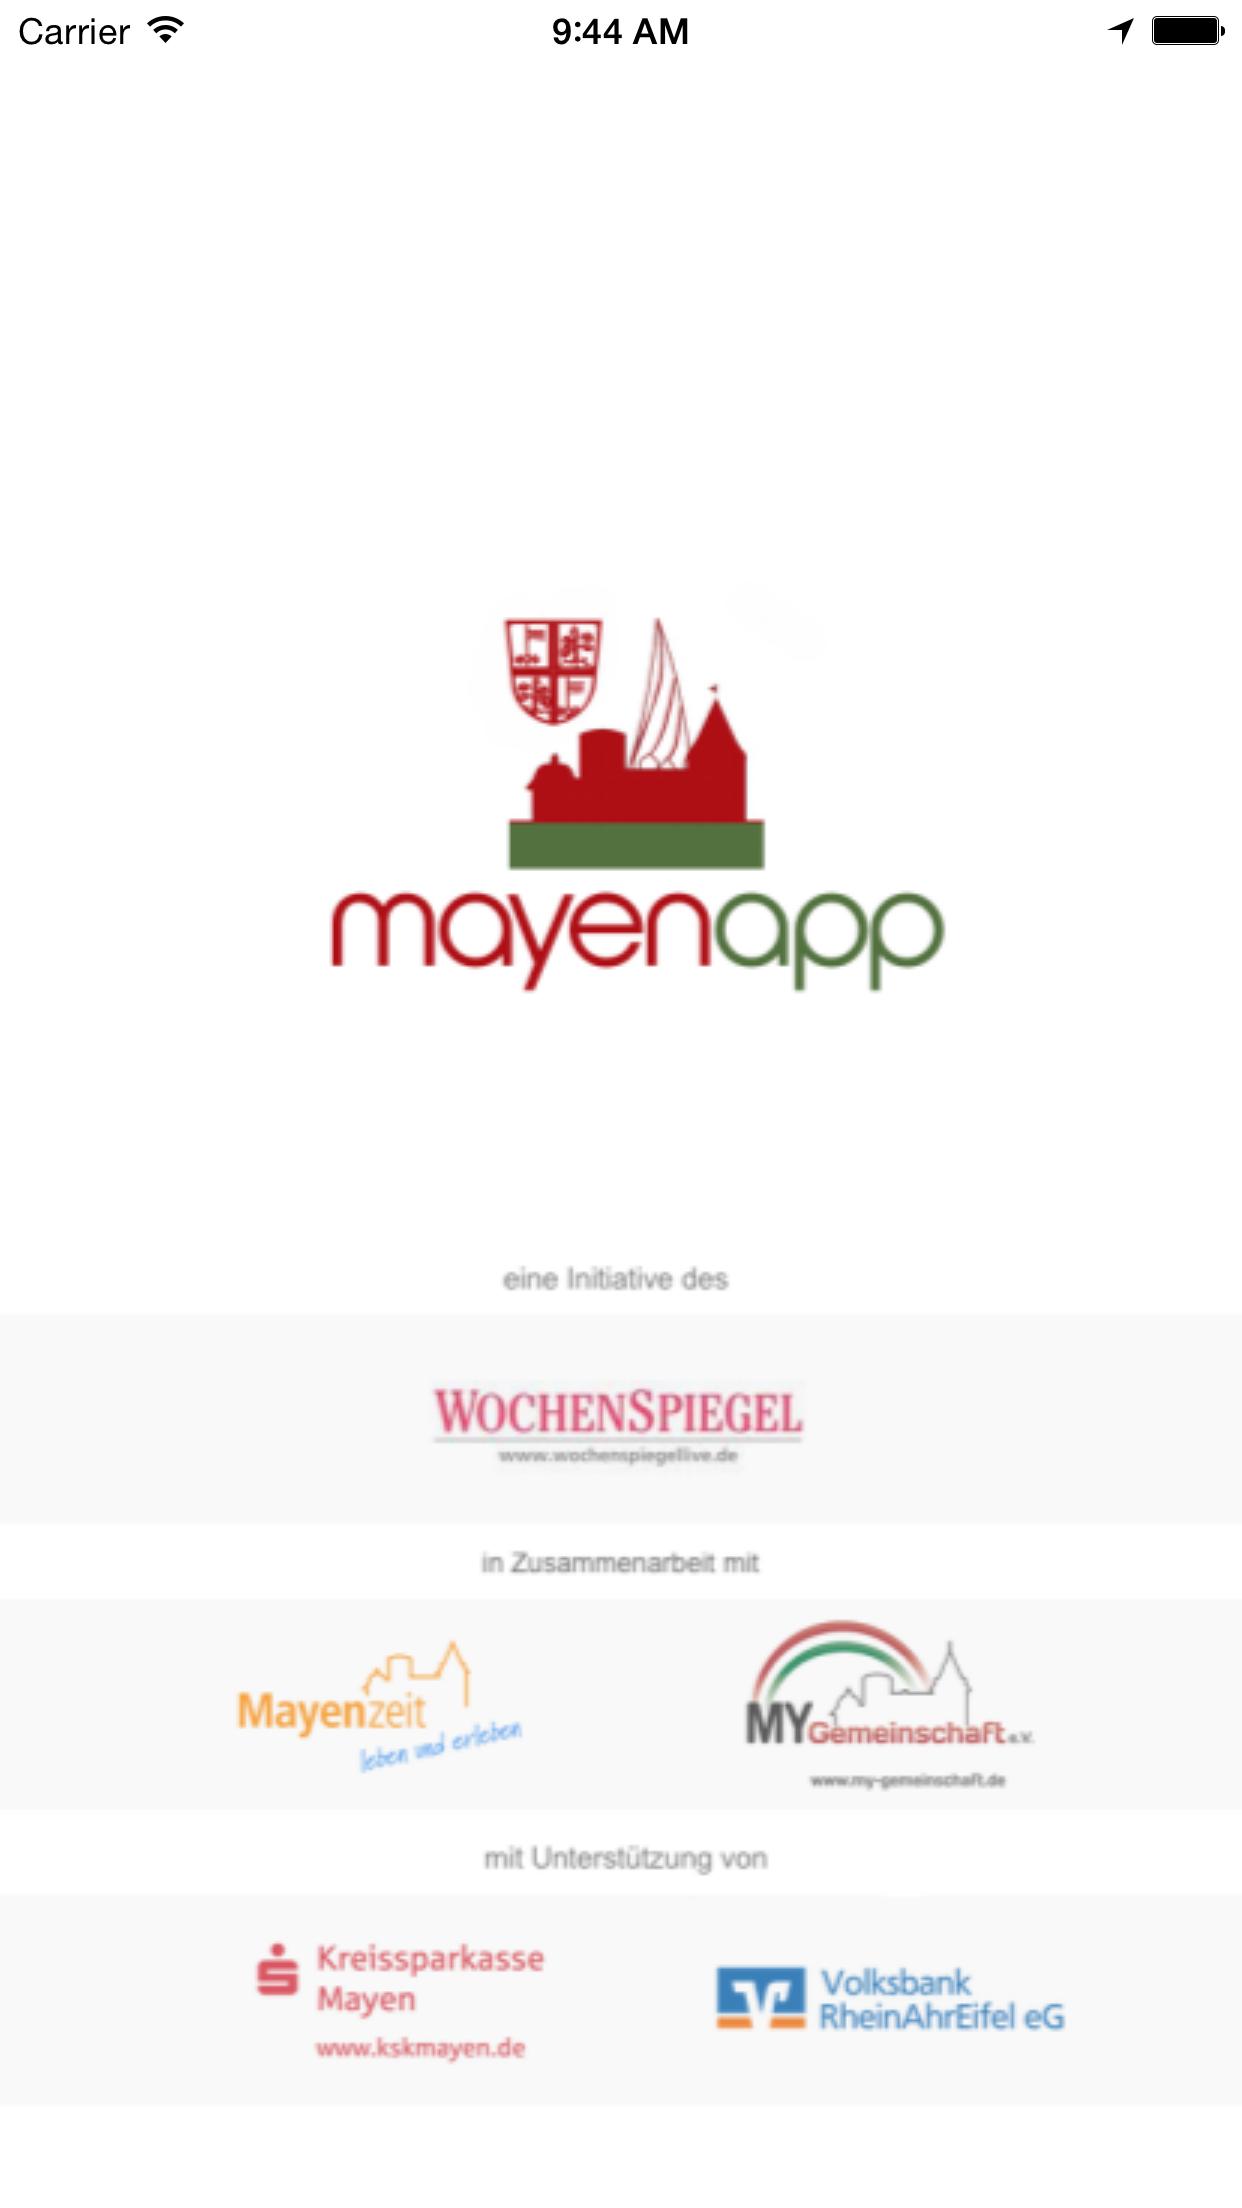 Mayen-App